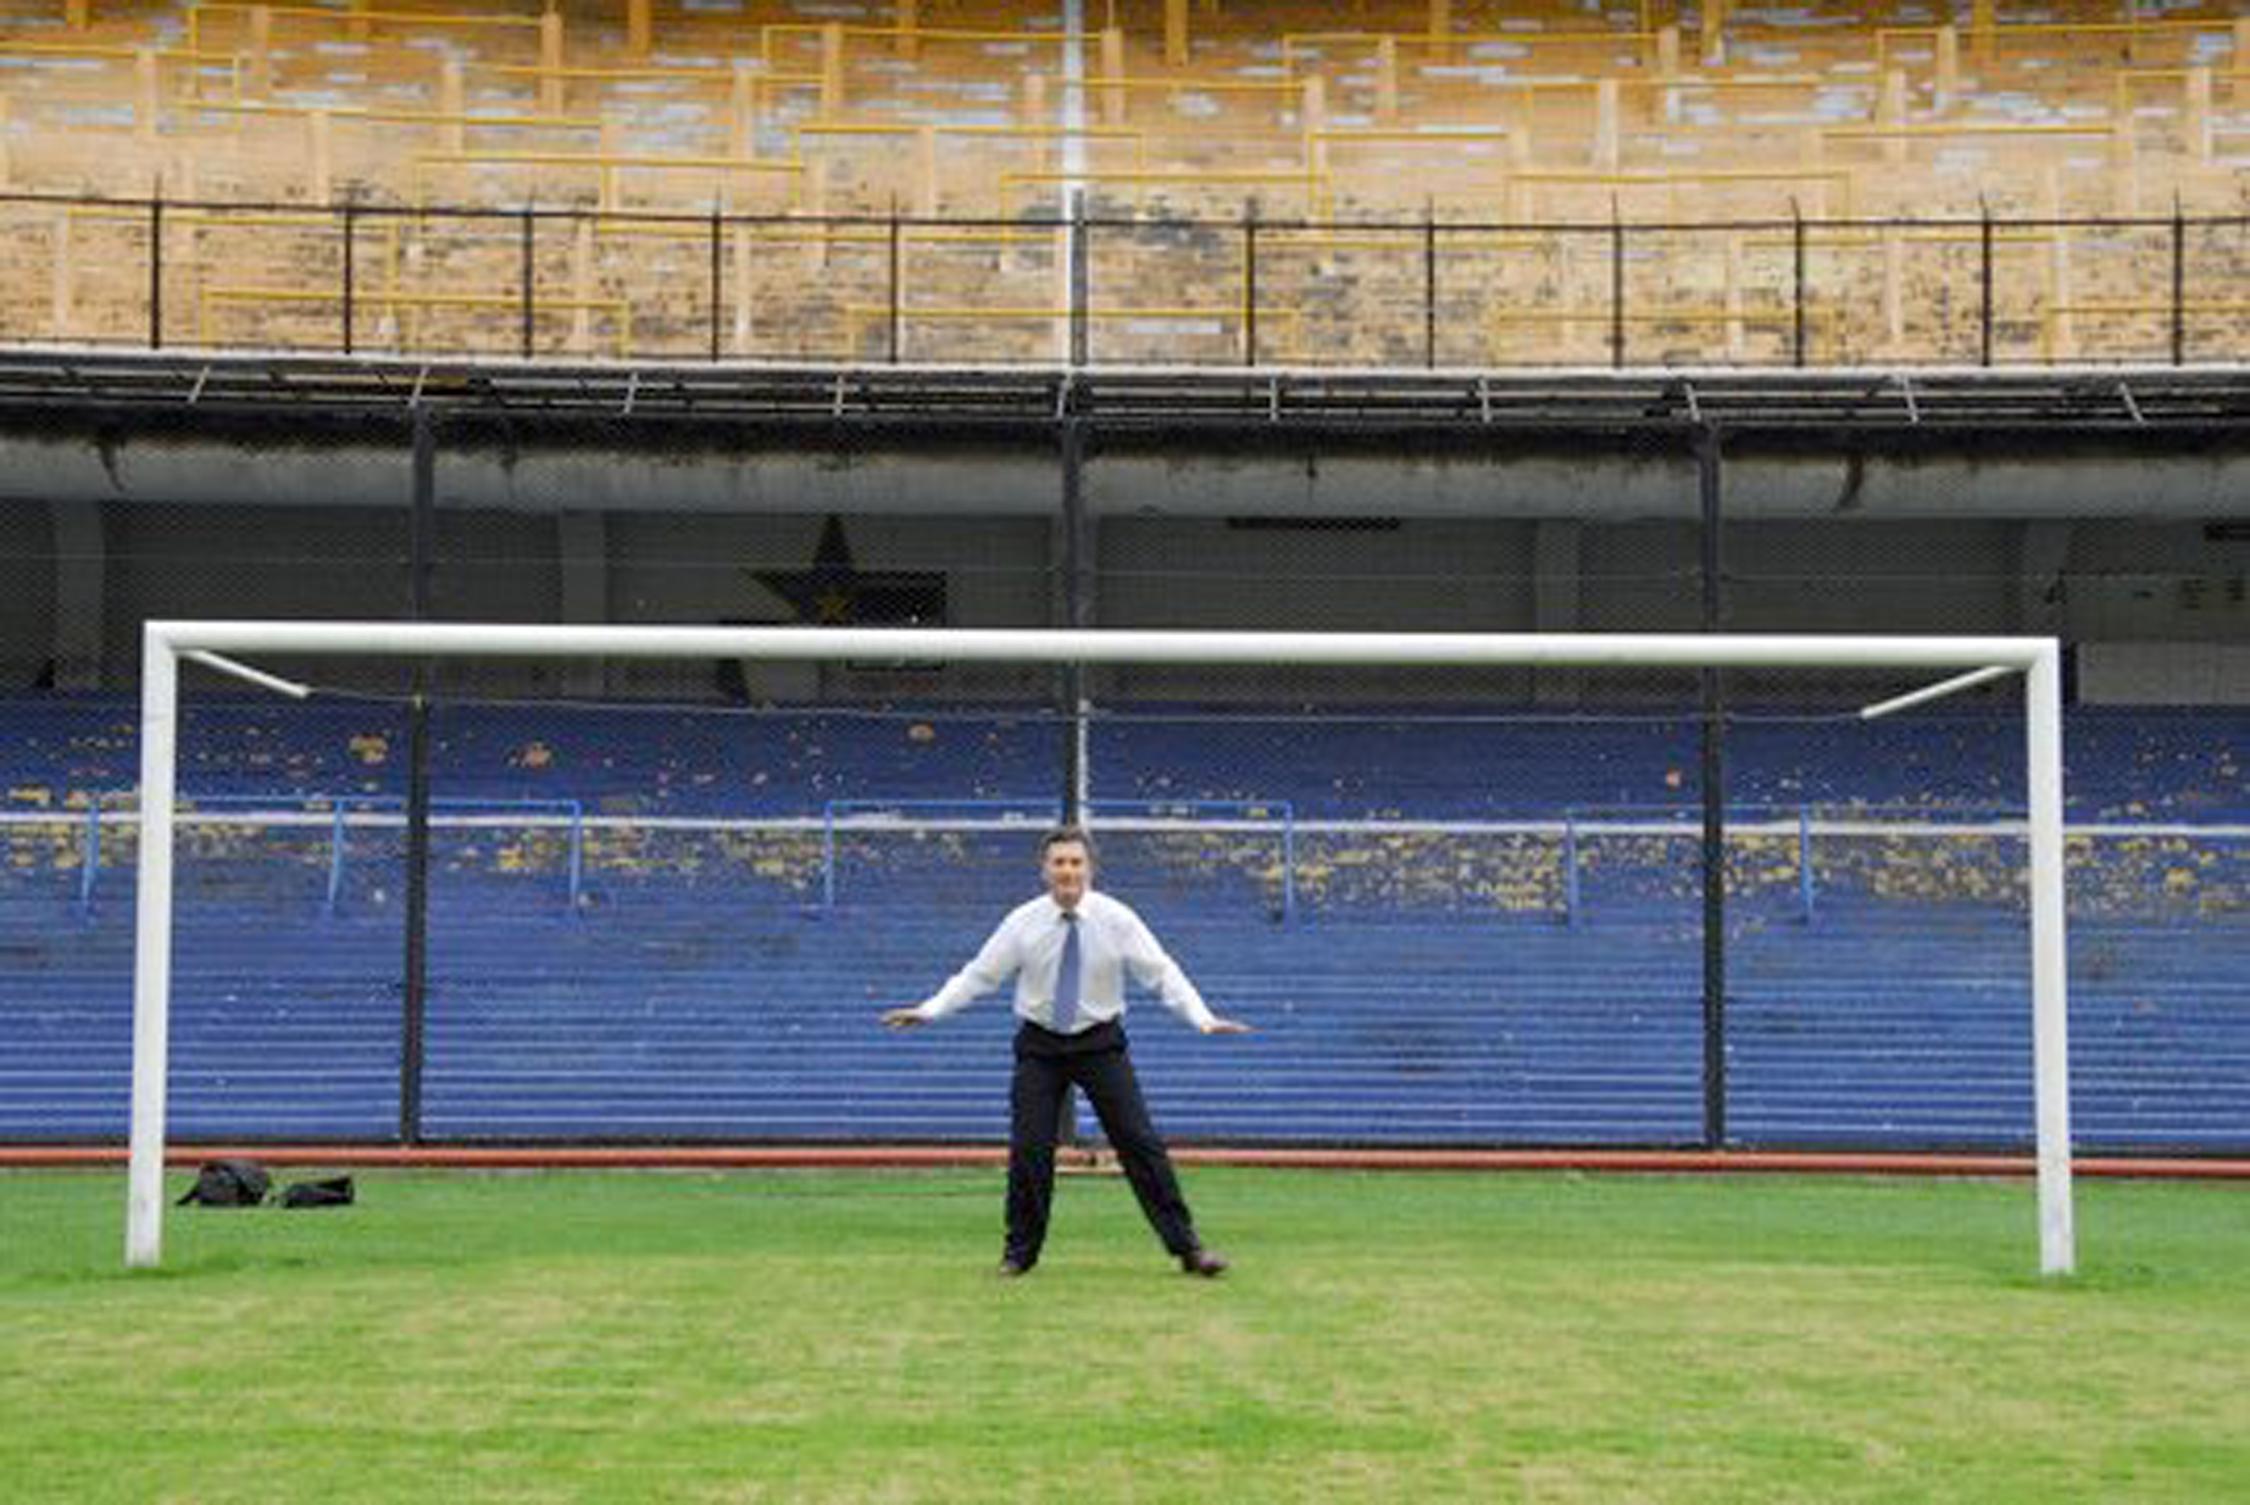 EL CANDIDATO PRESIDENCIAL, MAURICIO MACRI, ELEGIDO PRESIDENTE DEL CLUB BOCA JUNIORS EN EL AÑO 1995